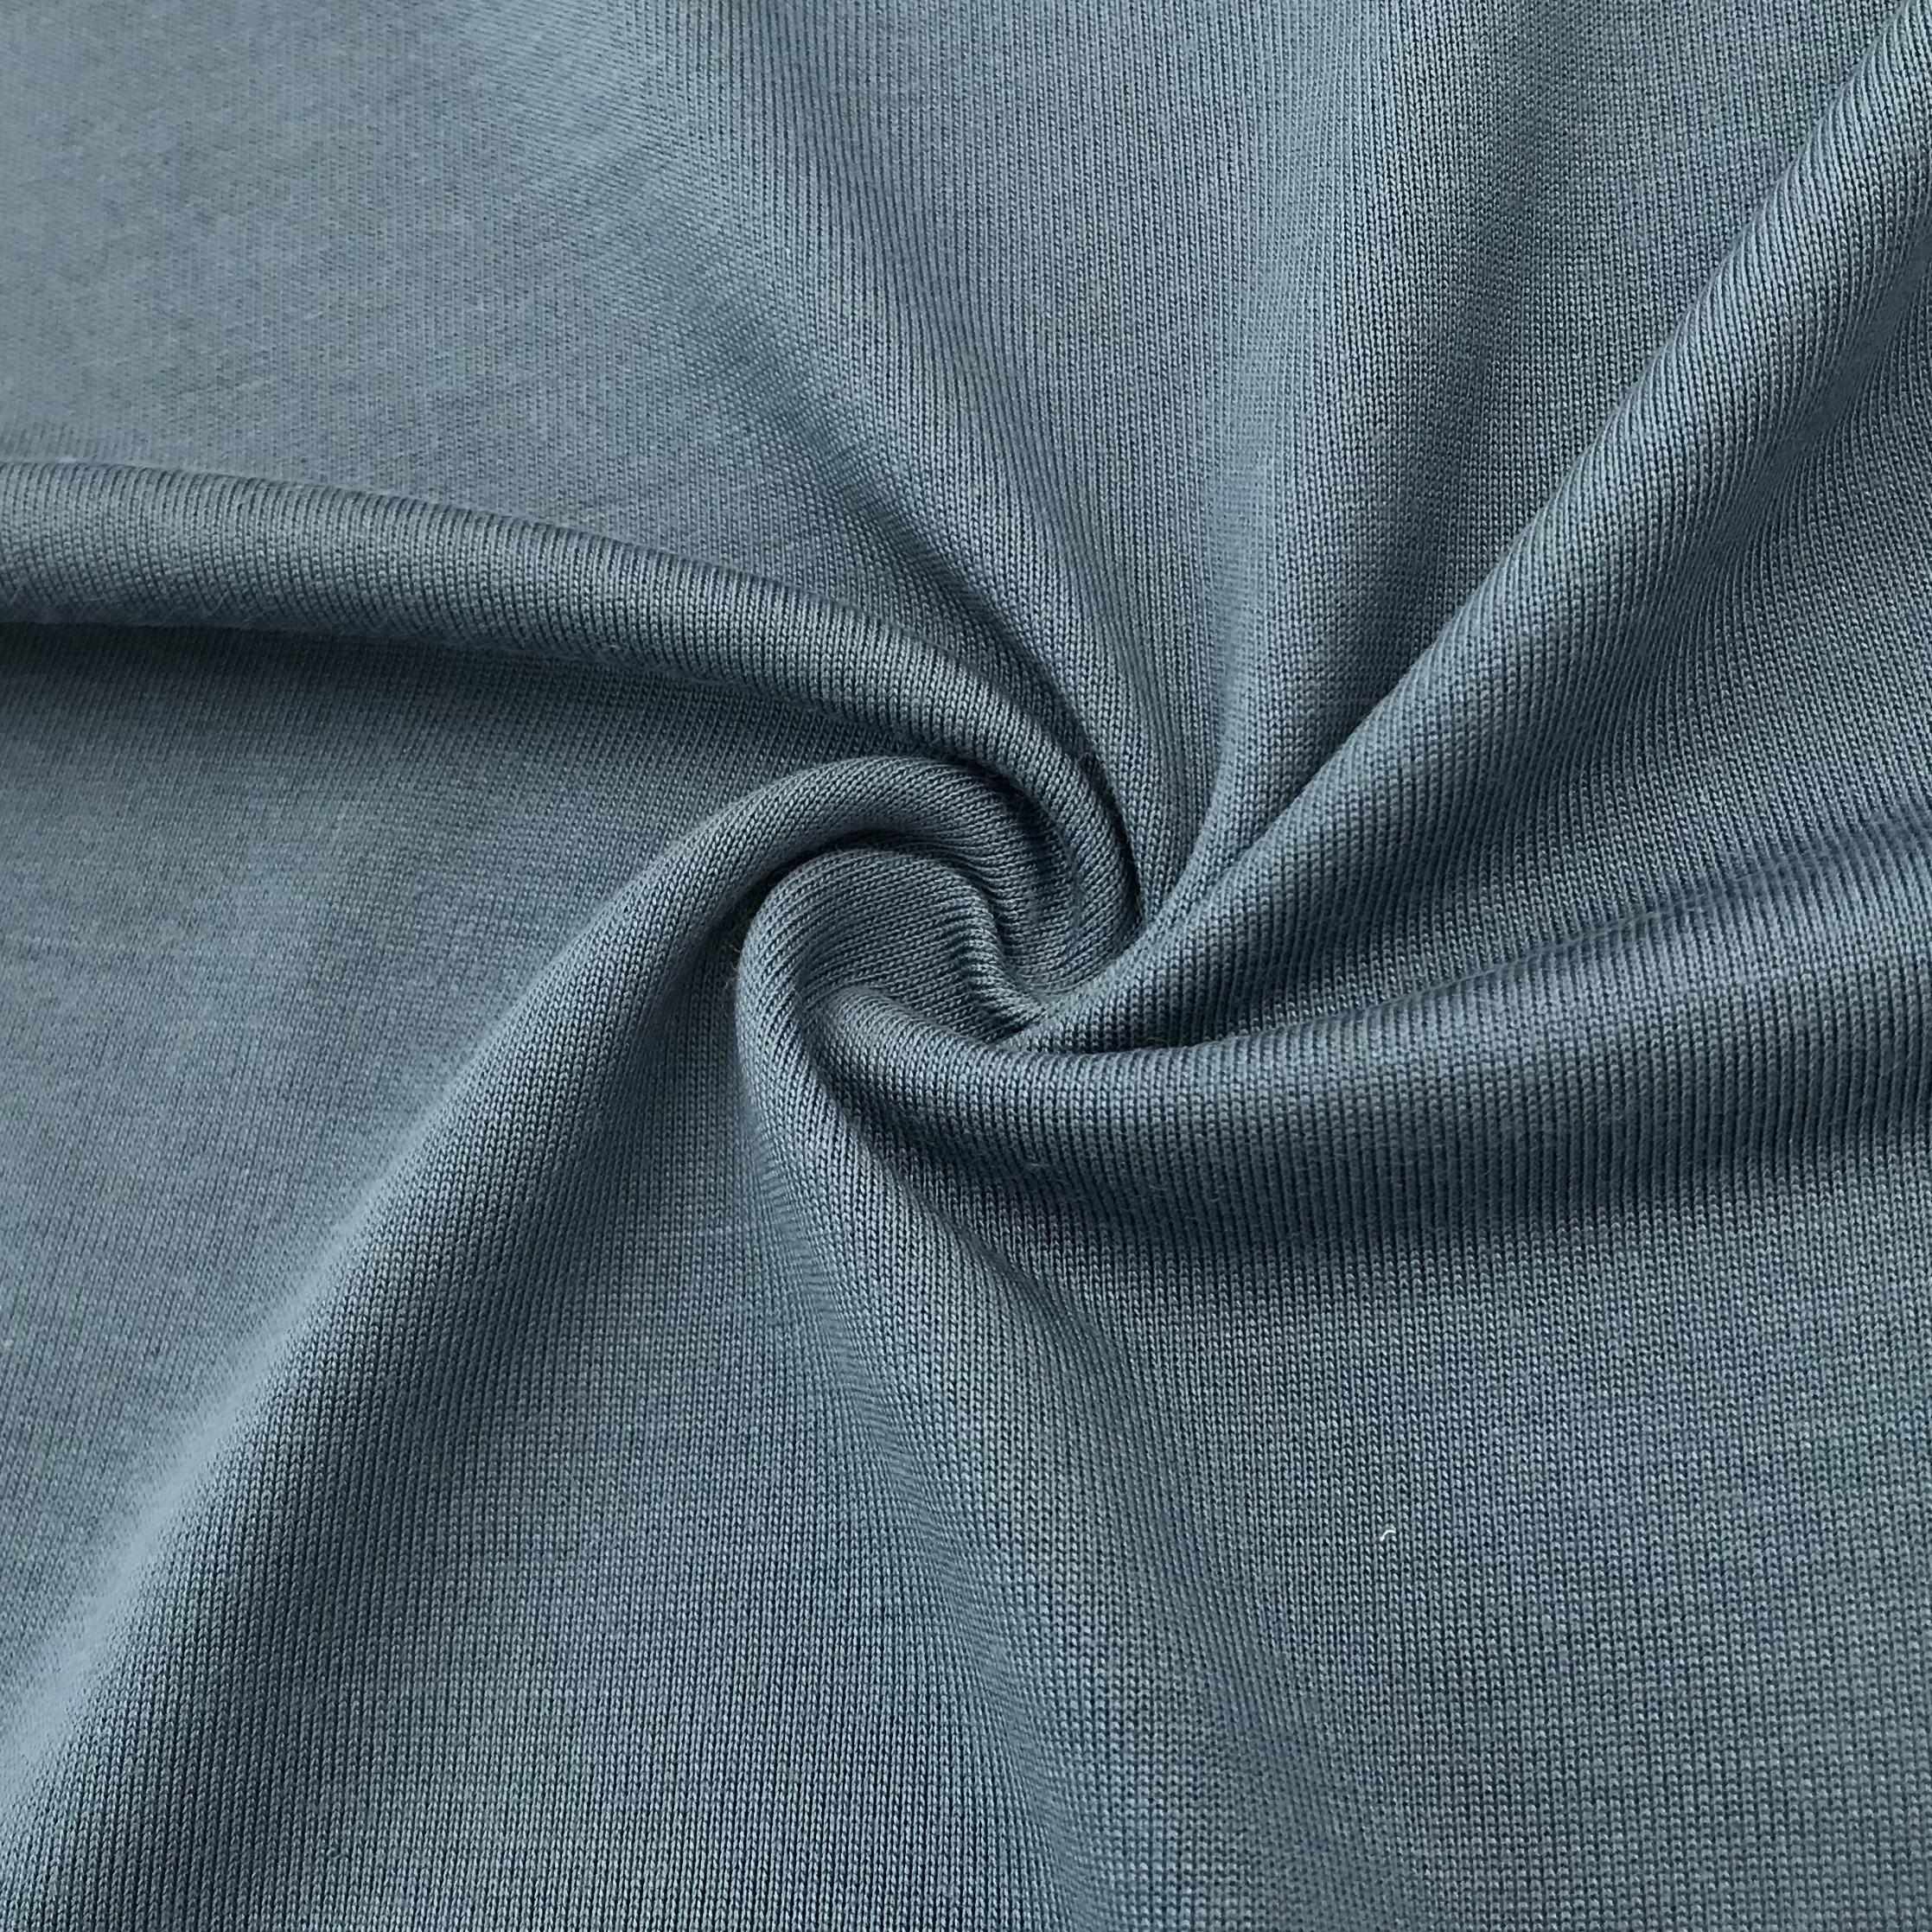 Modal ткань что это такое